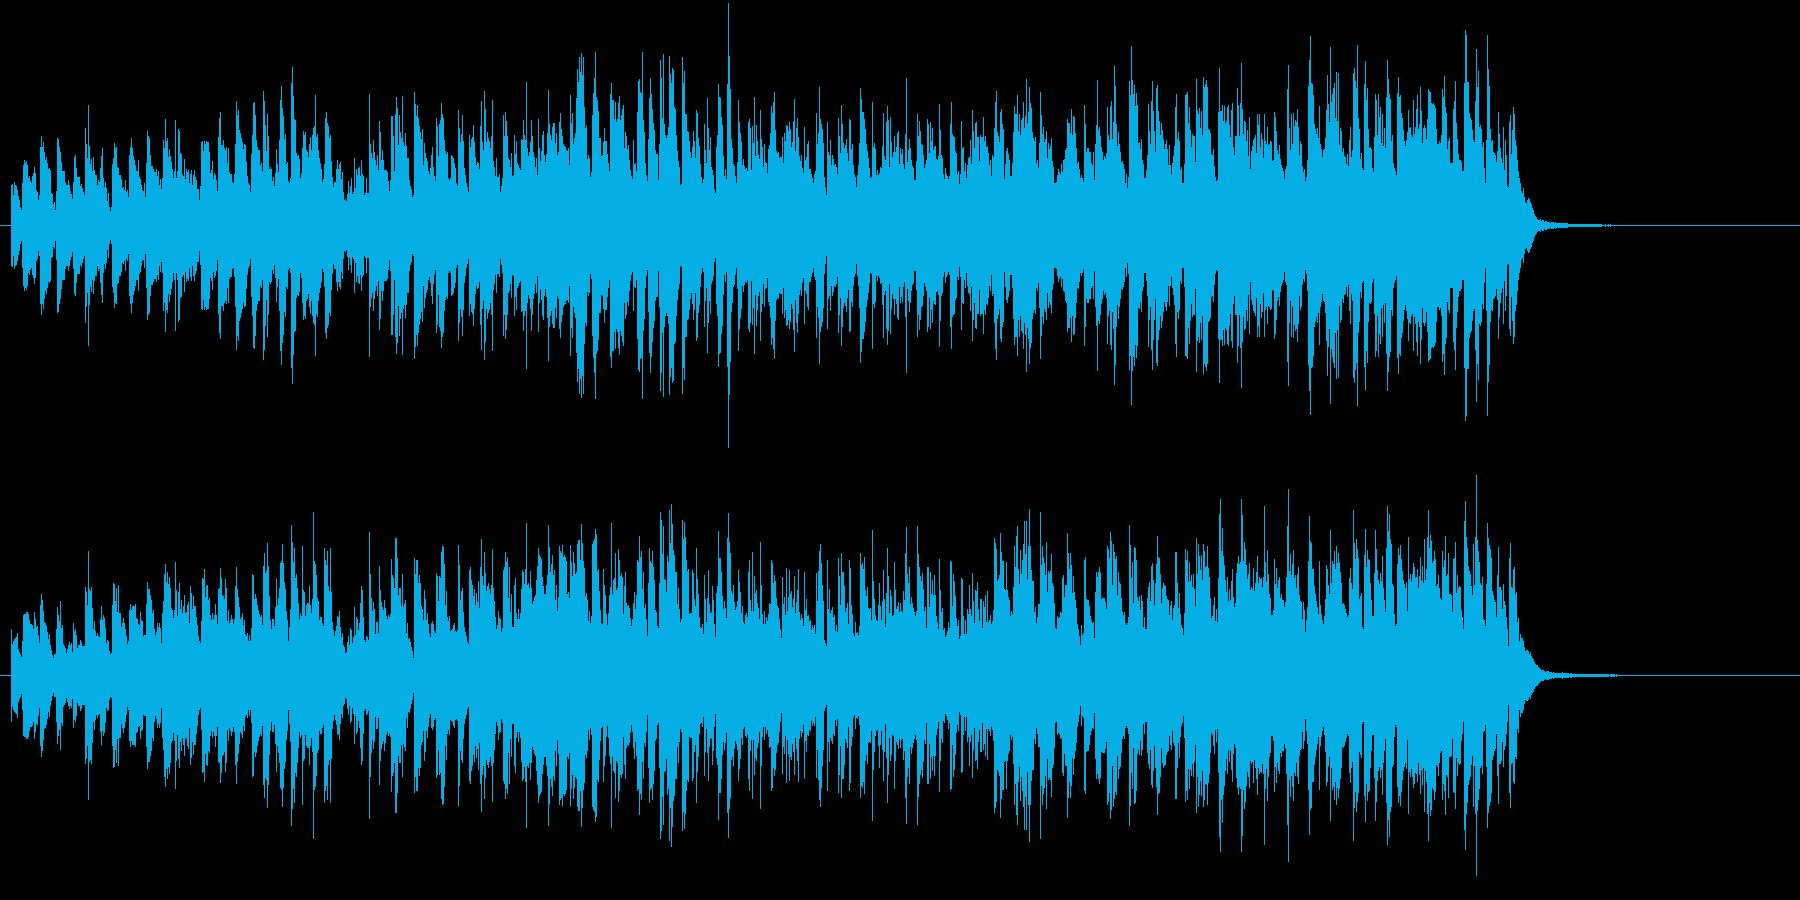 アップテンポ明るいジャズバンドサウンドの再生済みの波形